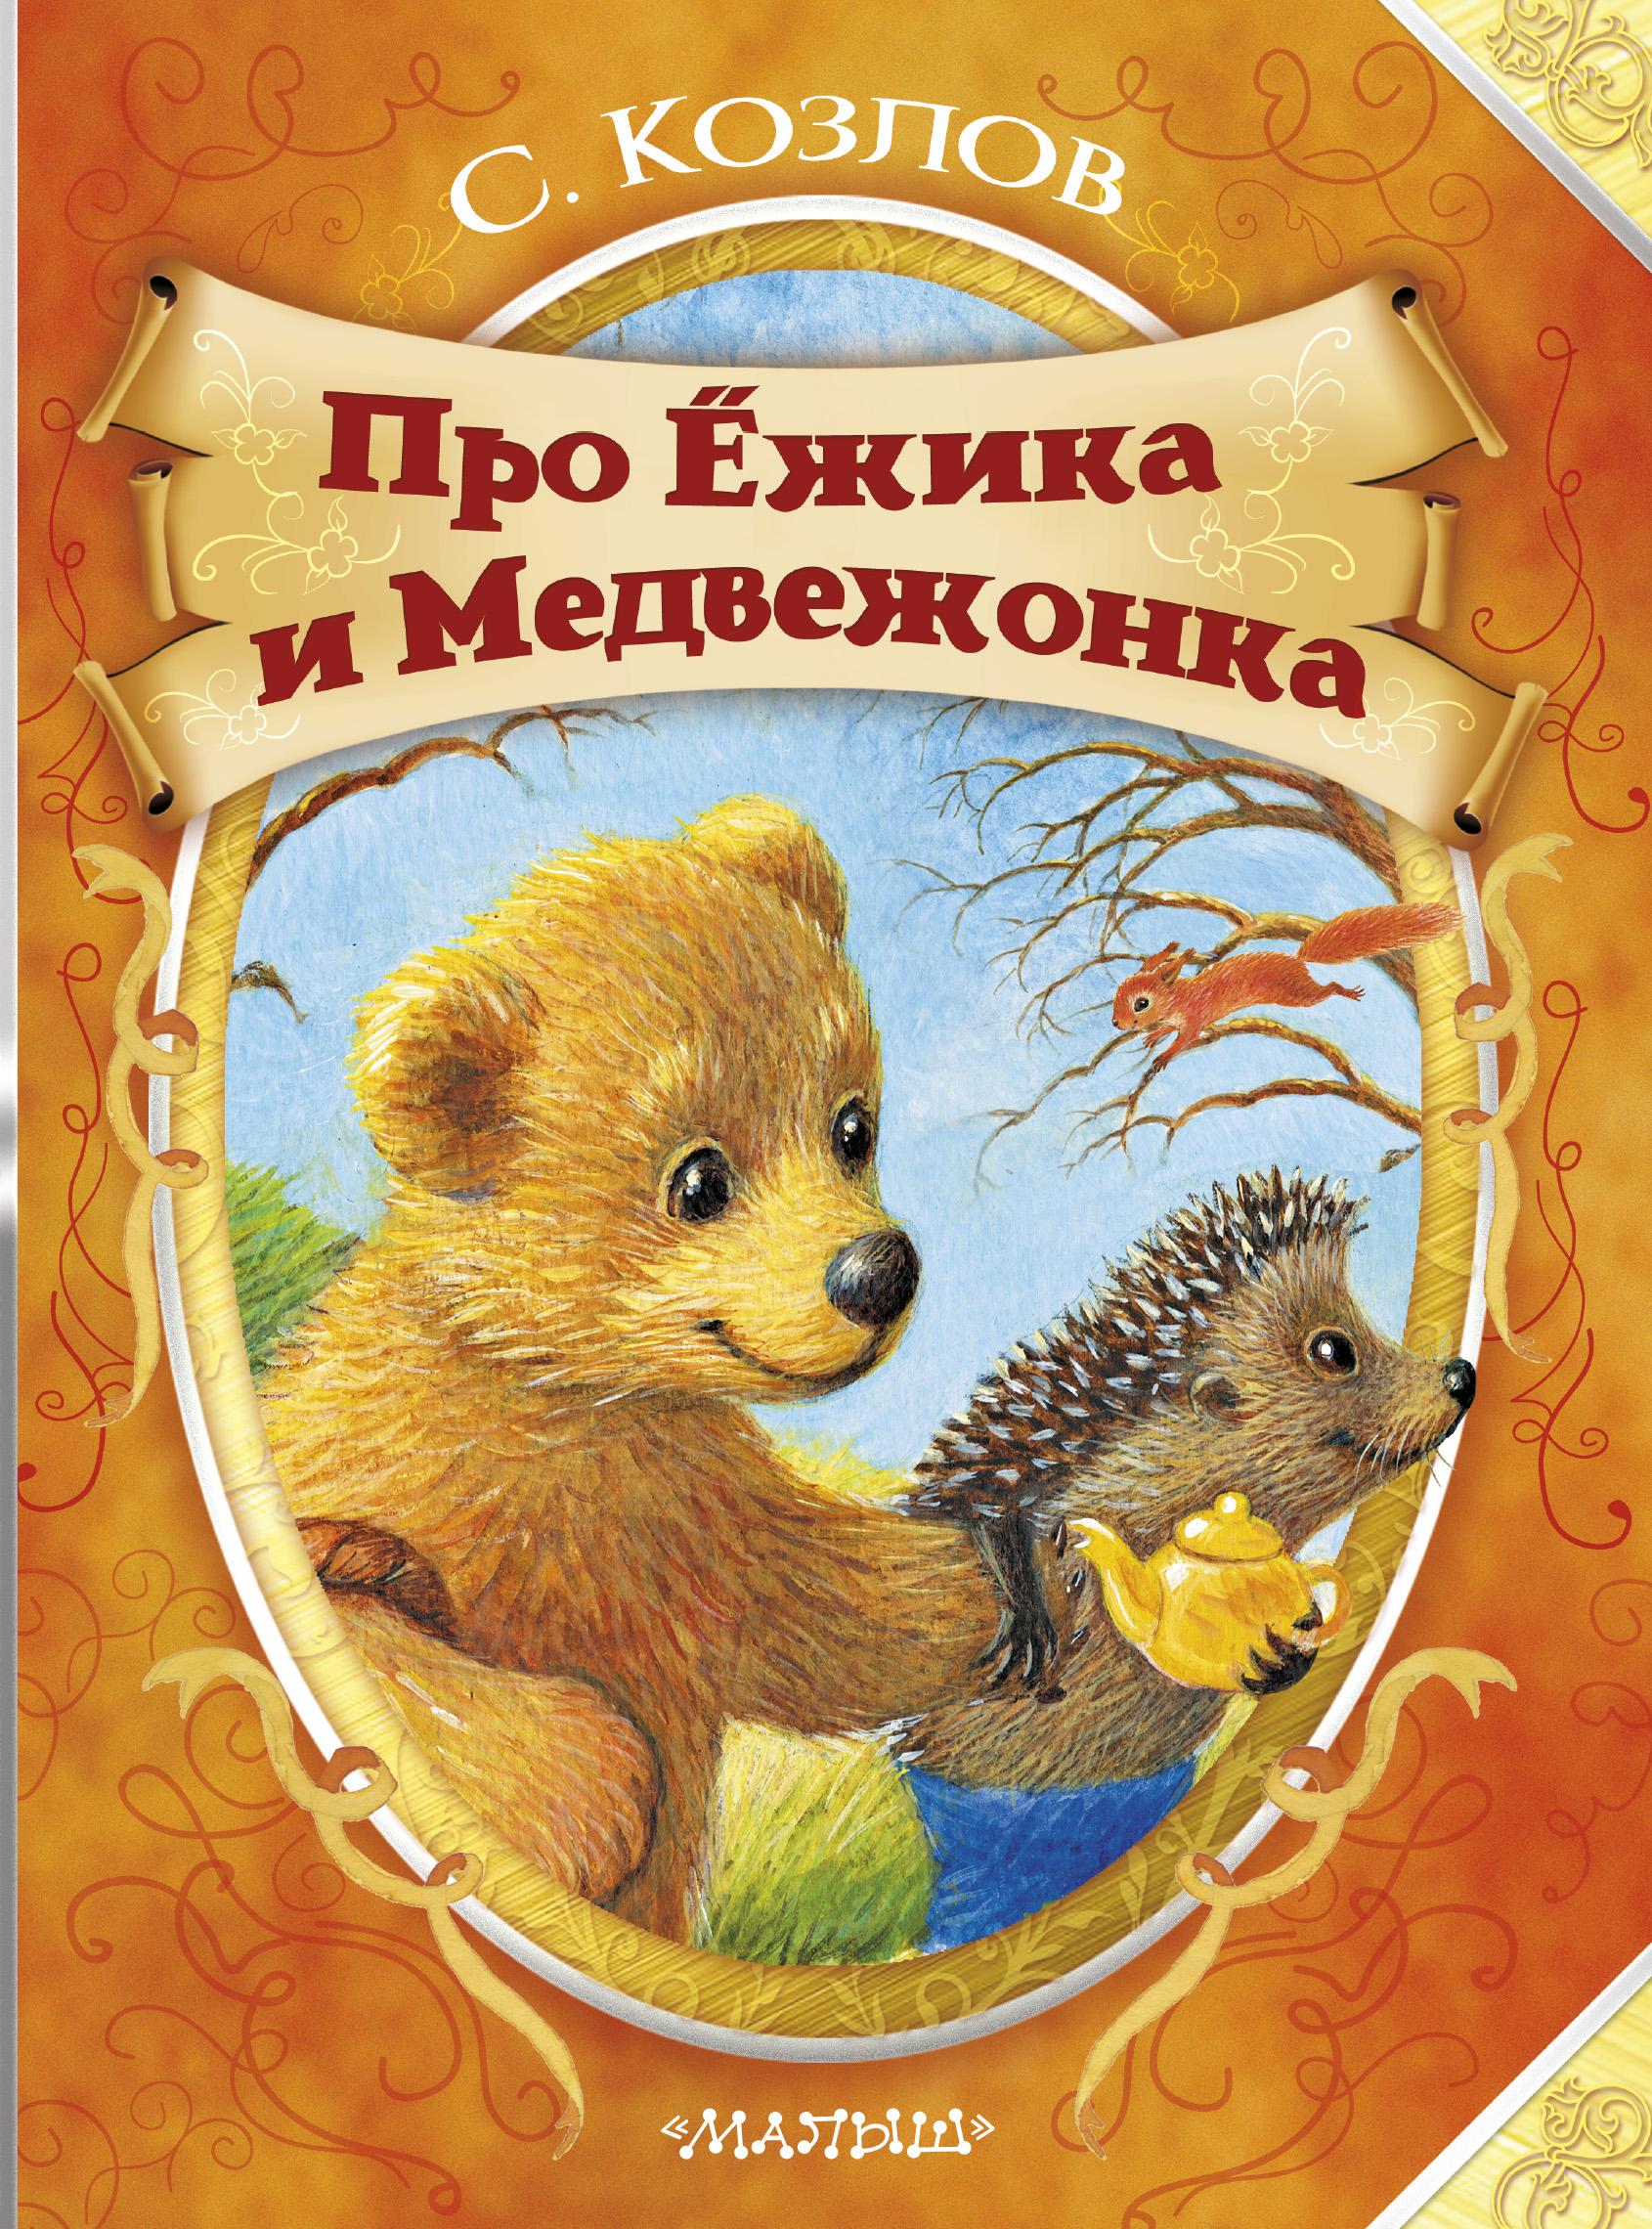 Козлов С.Г. Про Ёжика и Медвежонка. ДМ волшебная мастерская мозаика из пайеток метрика для мальчика